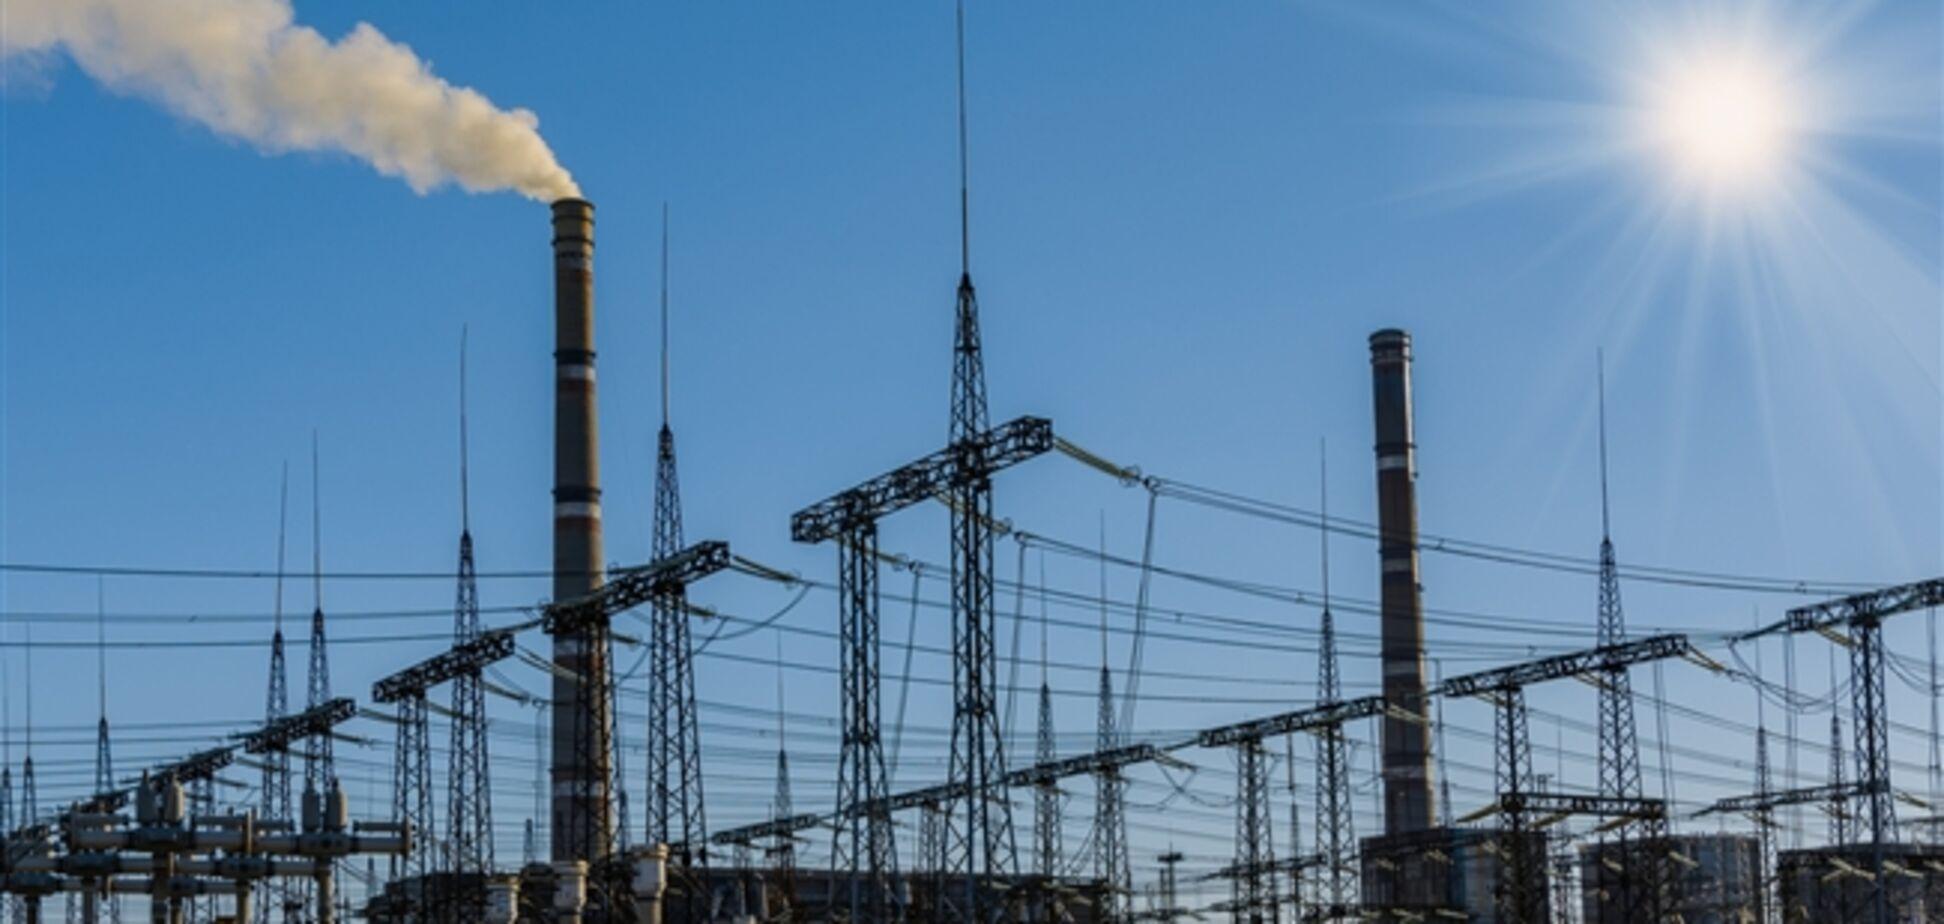 Введение RAB: тарифы на электричество в Украине останутся самыми низкими в Европе